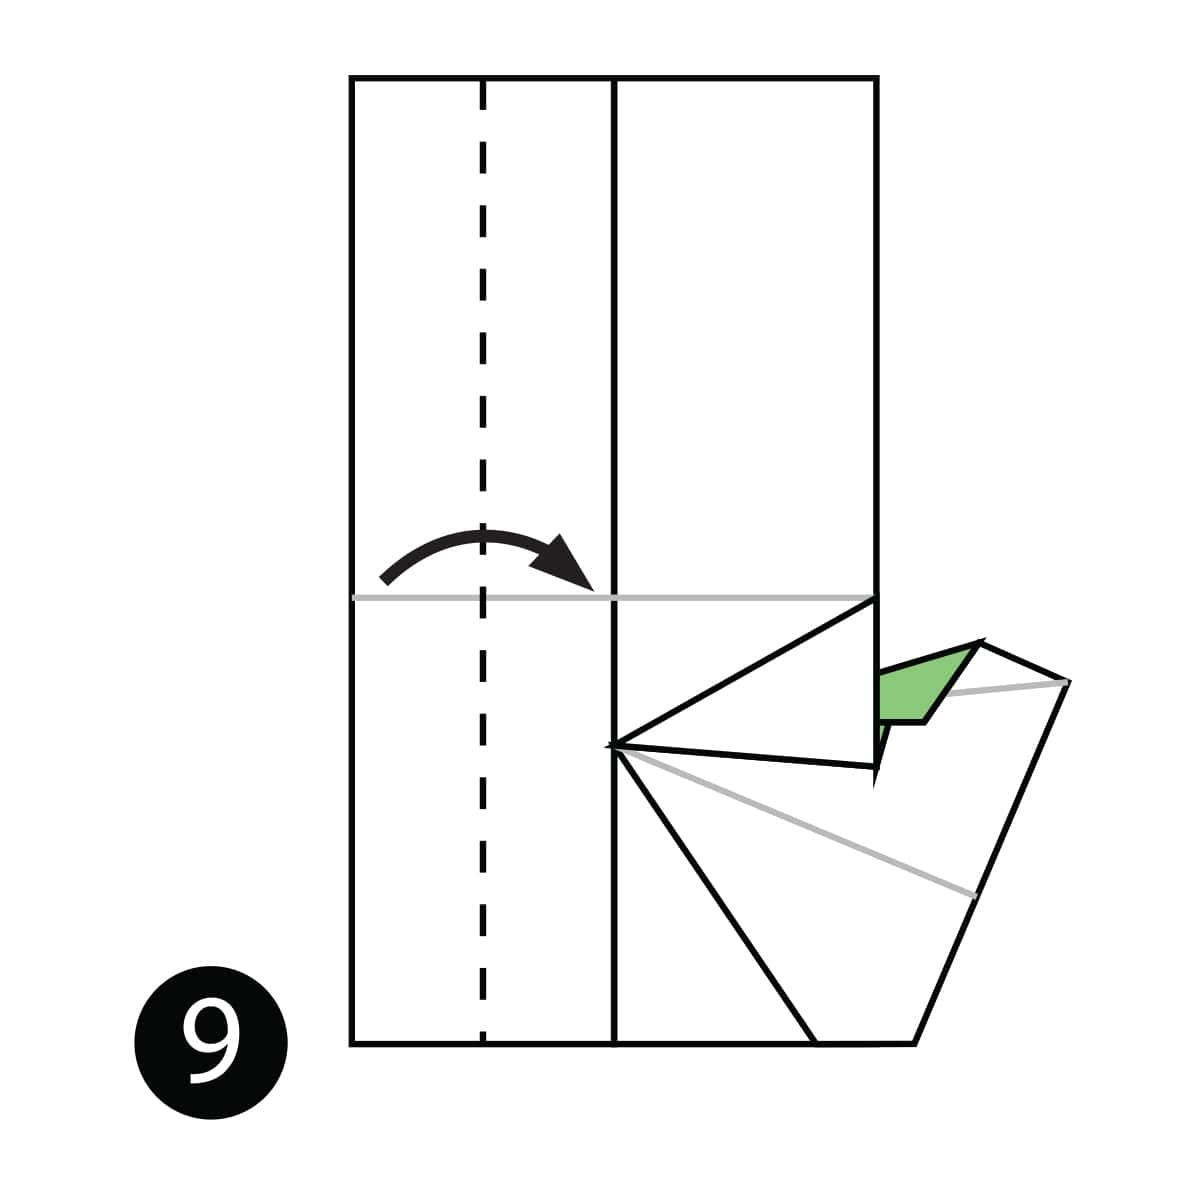 Mitten Step 9